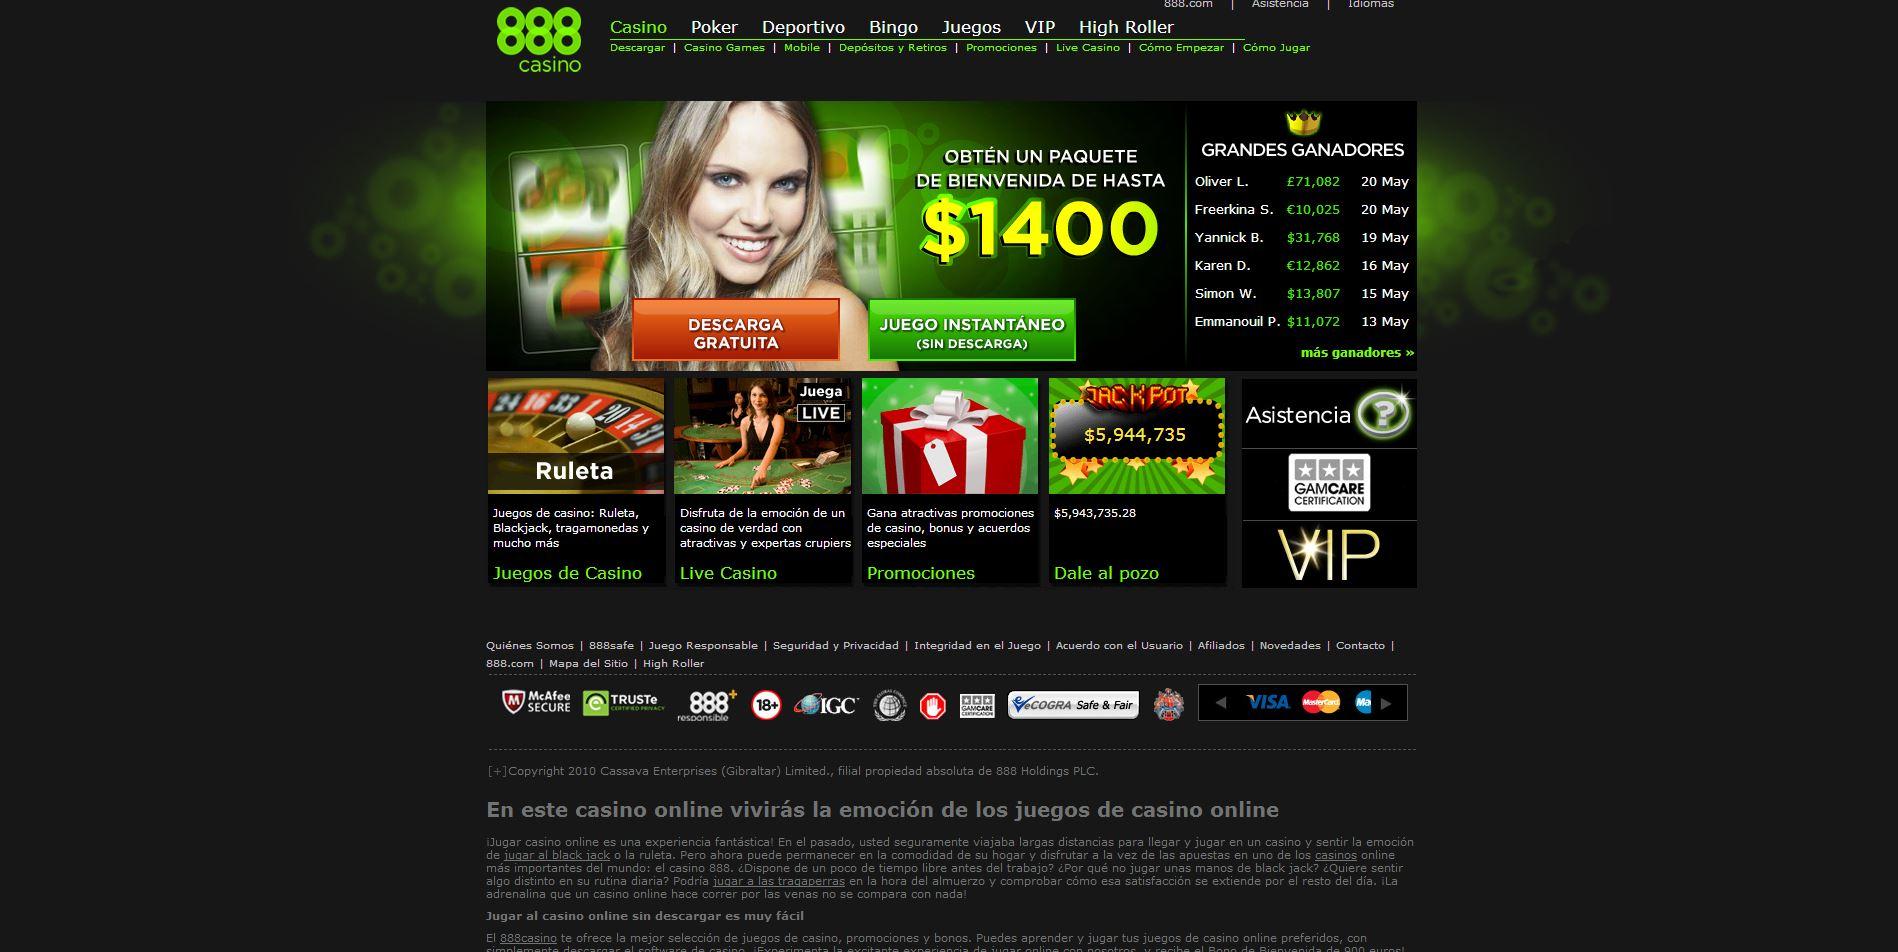 Top mejores casinos online juegue con € 100 gratis-192612